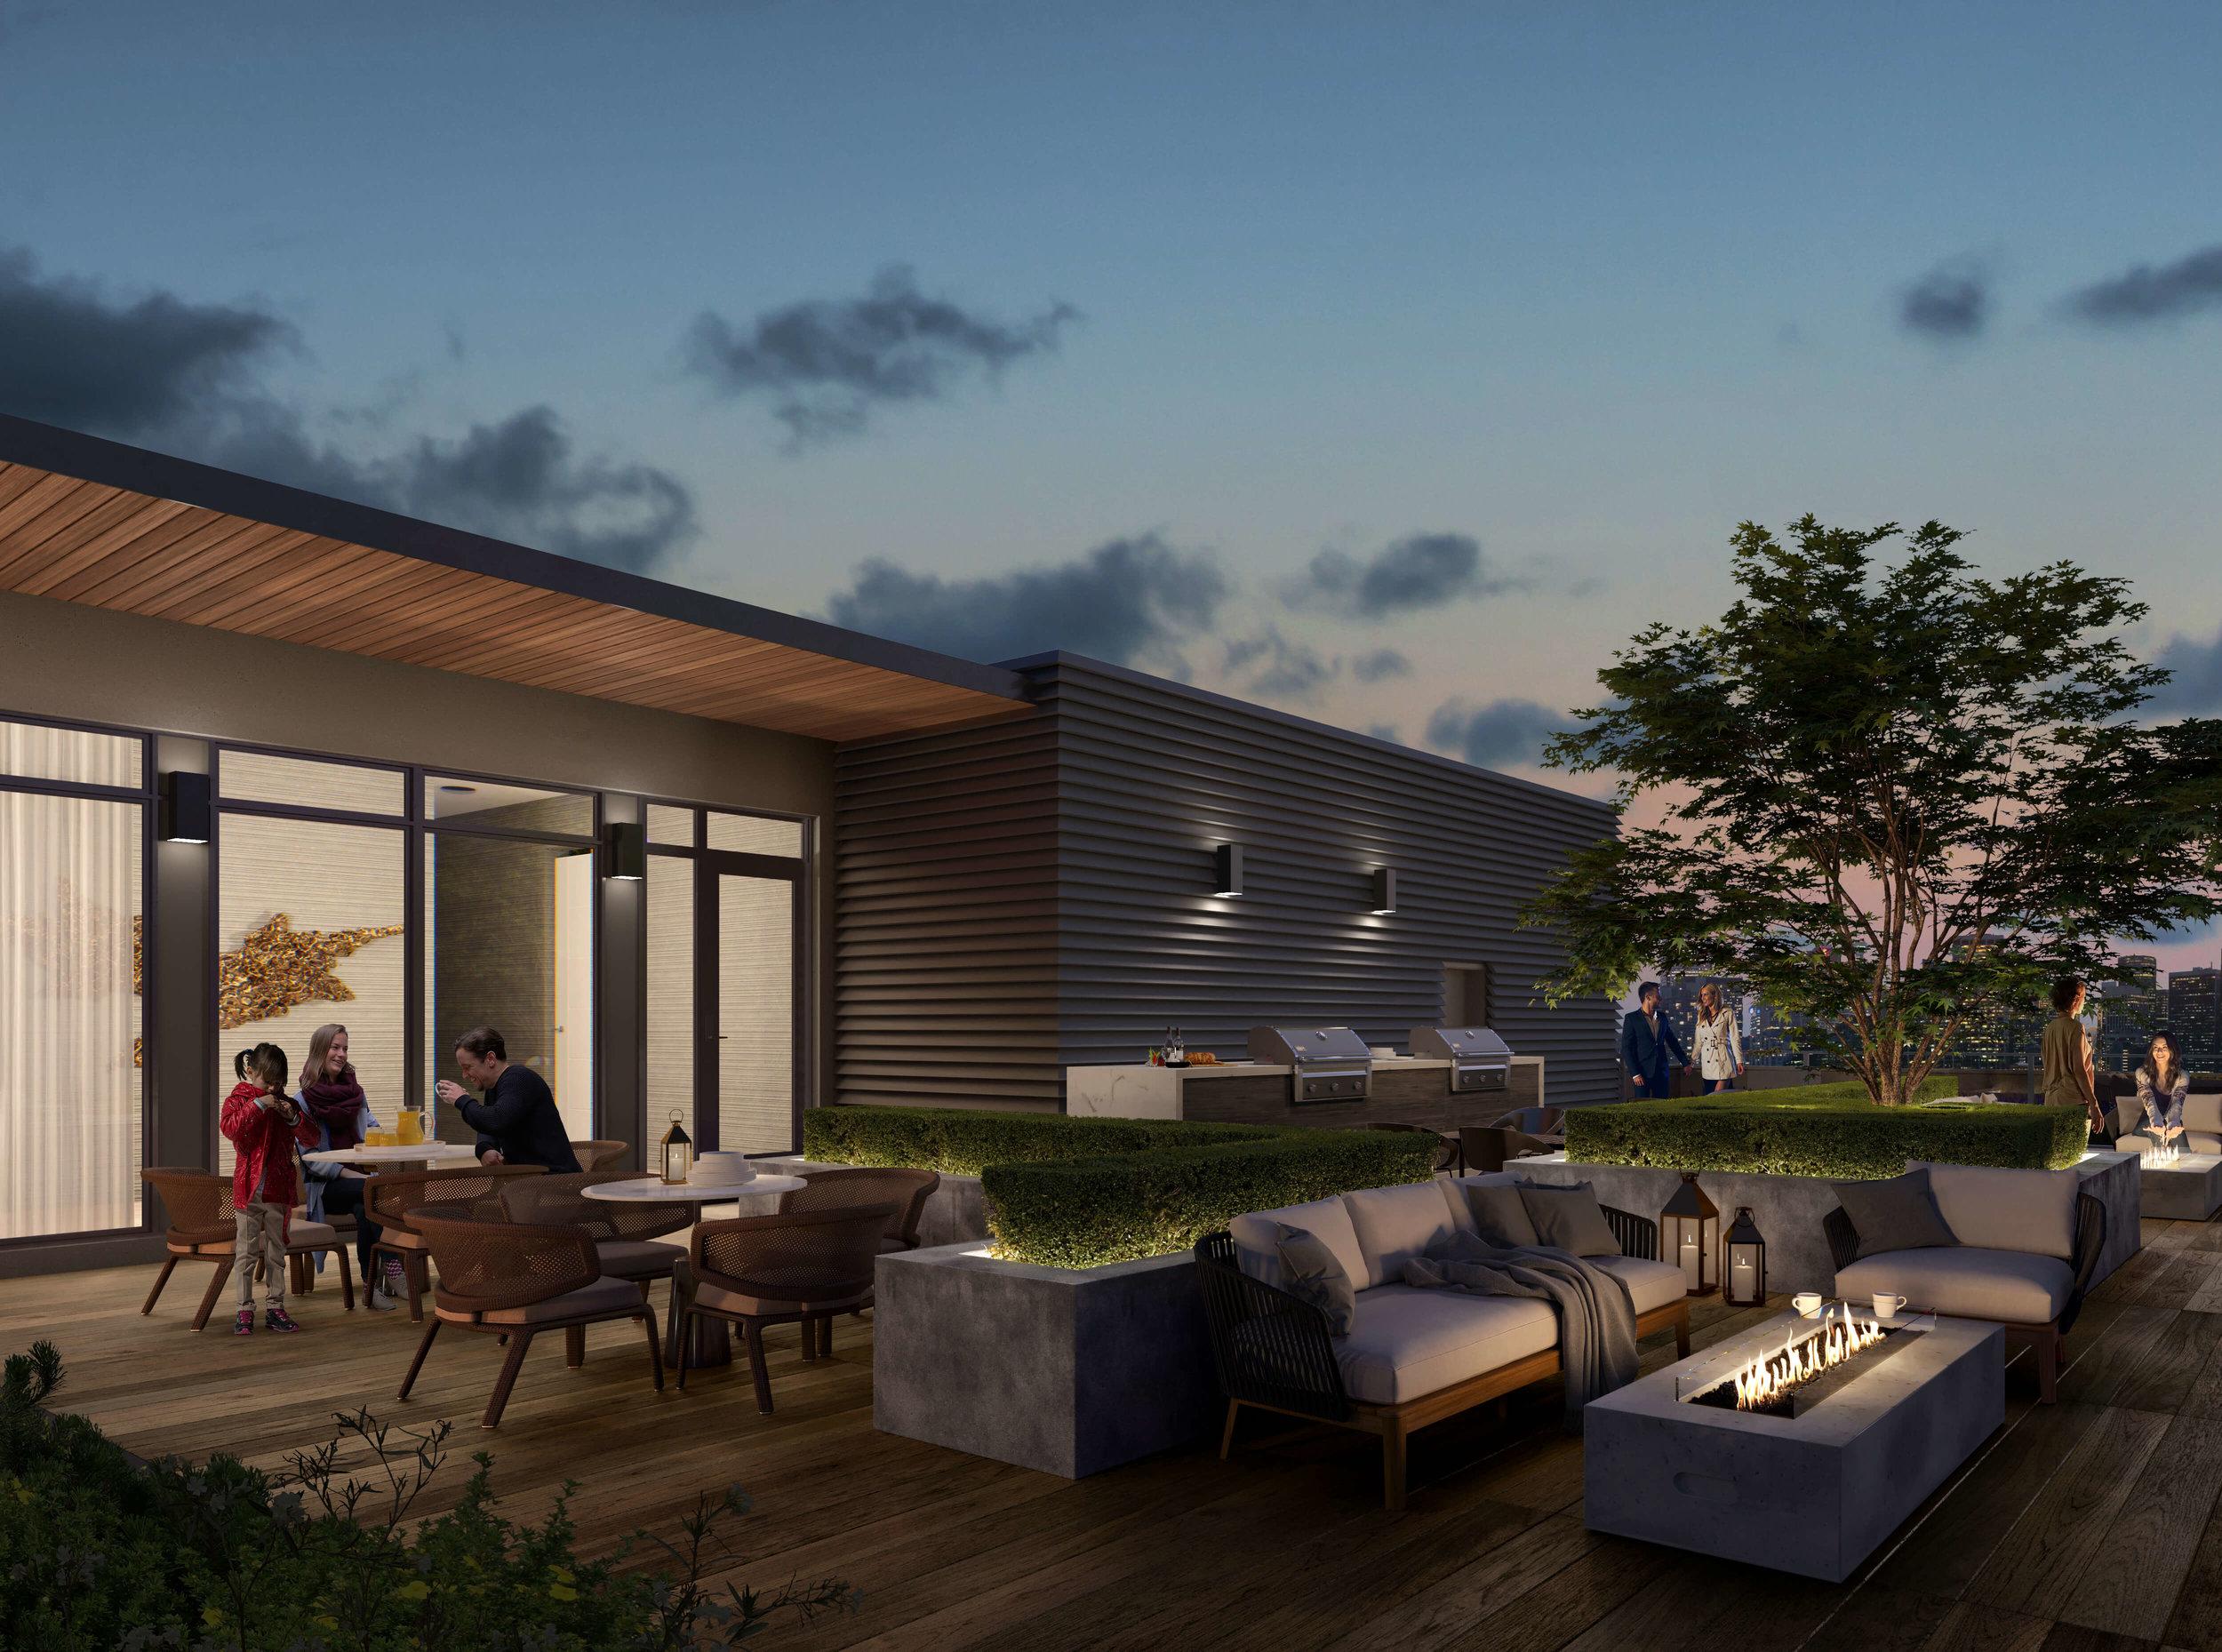 POE-C2-Rooftop-181018-FINAL-HR.jpg